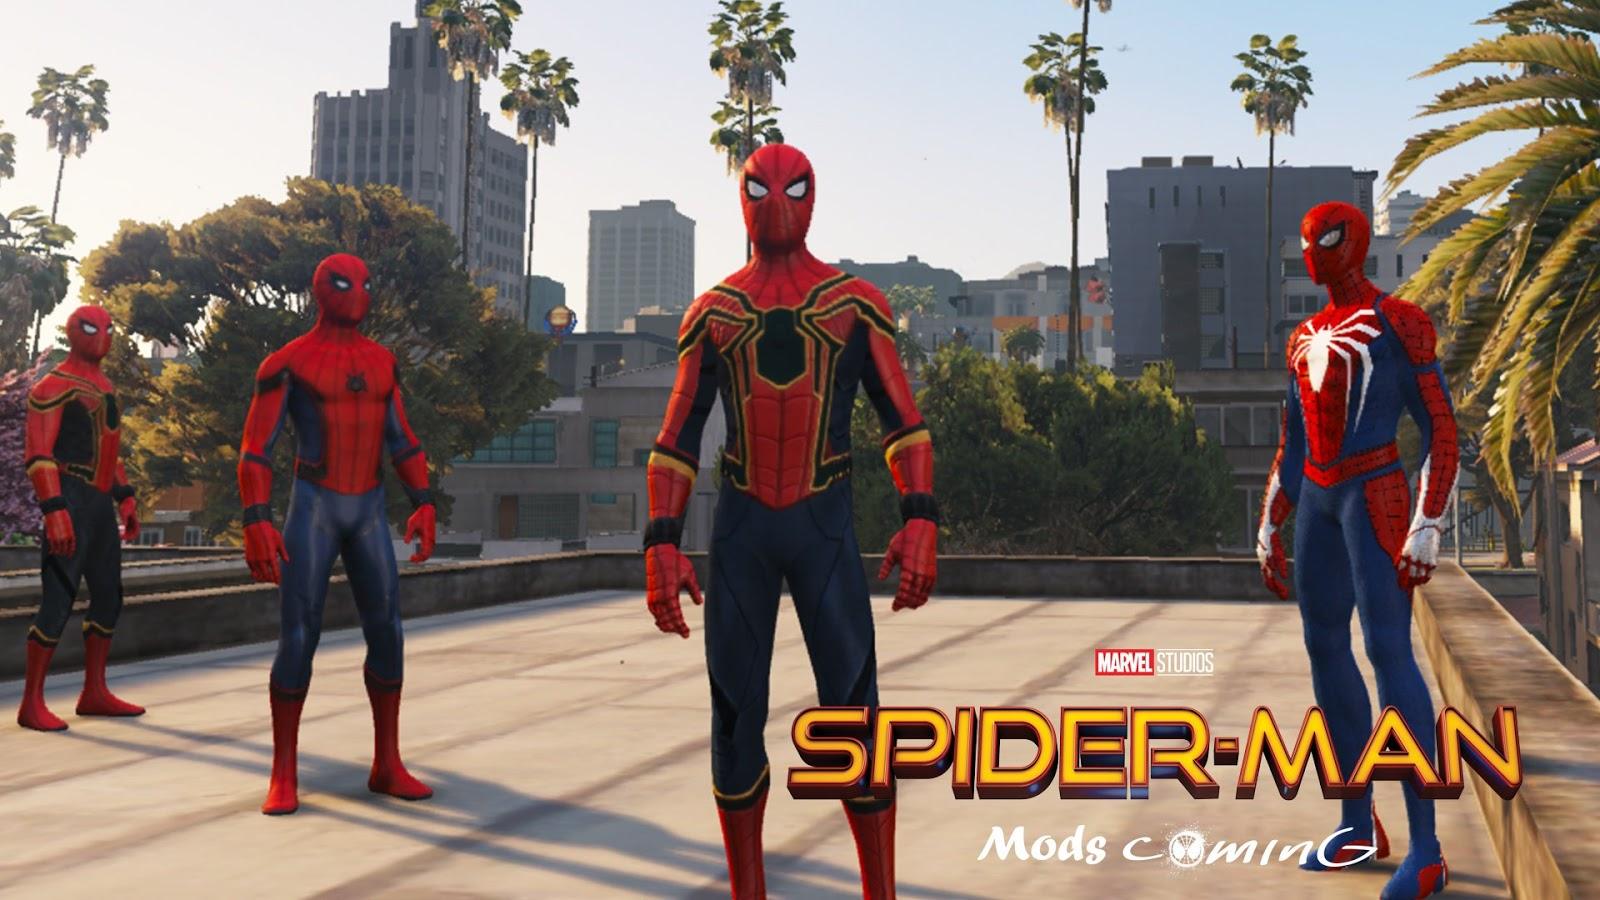 gta5 spiderman ps4 mod